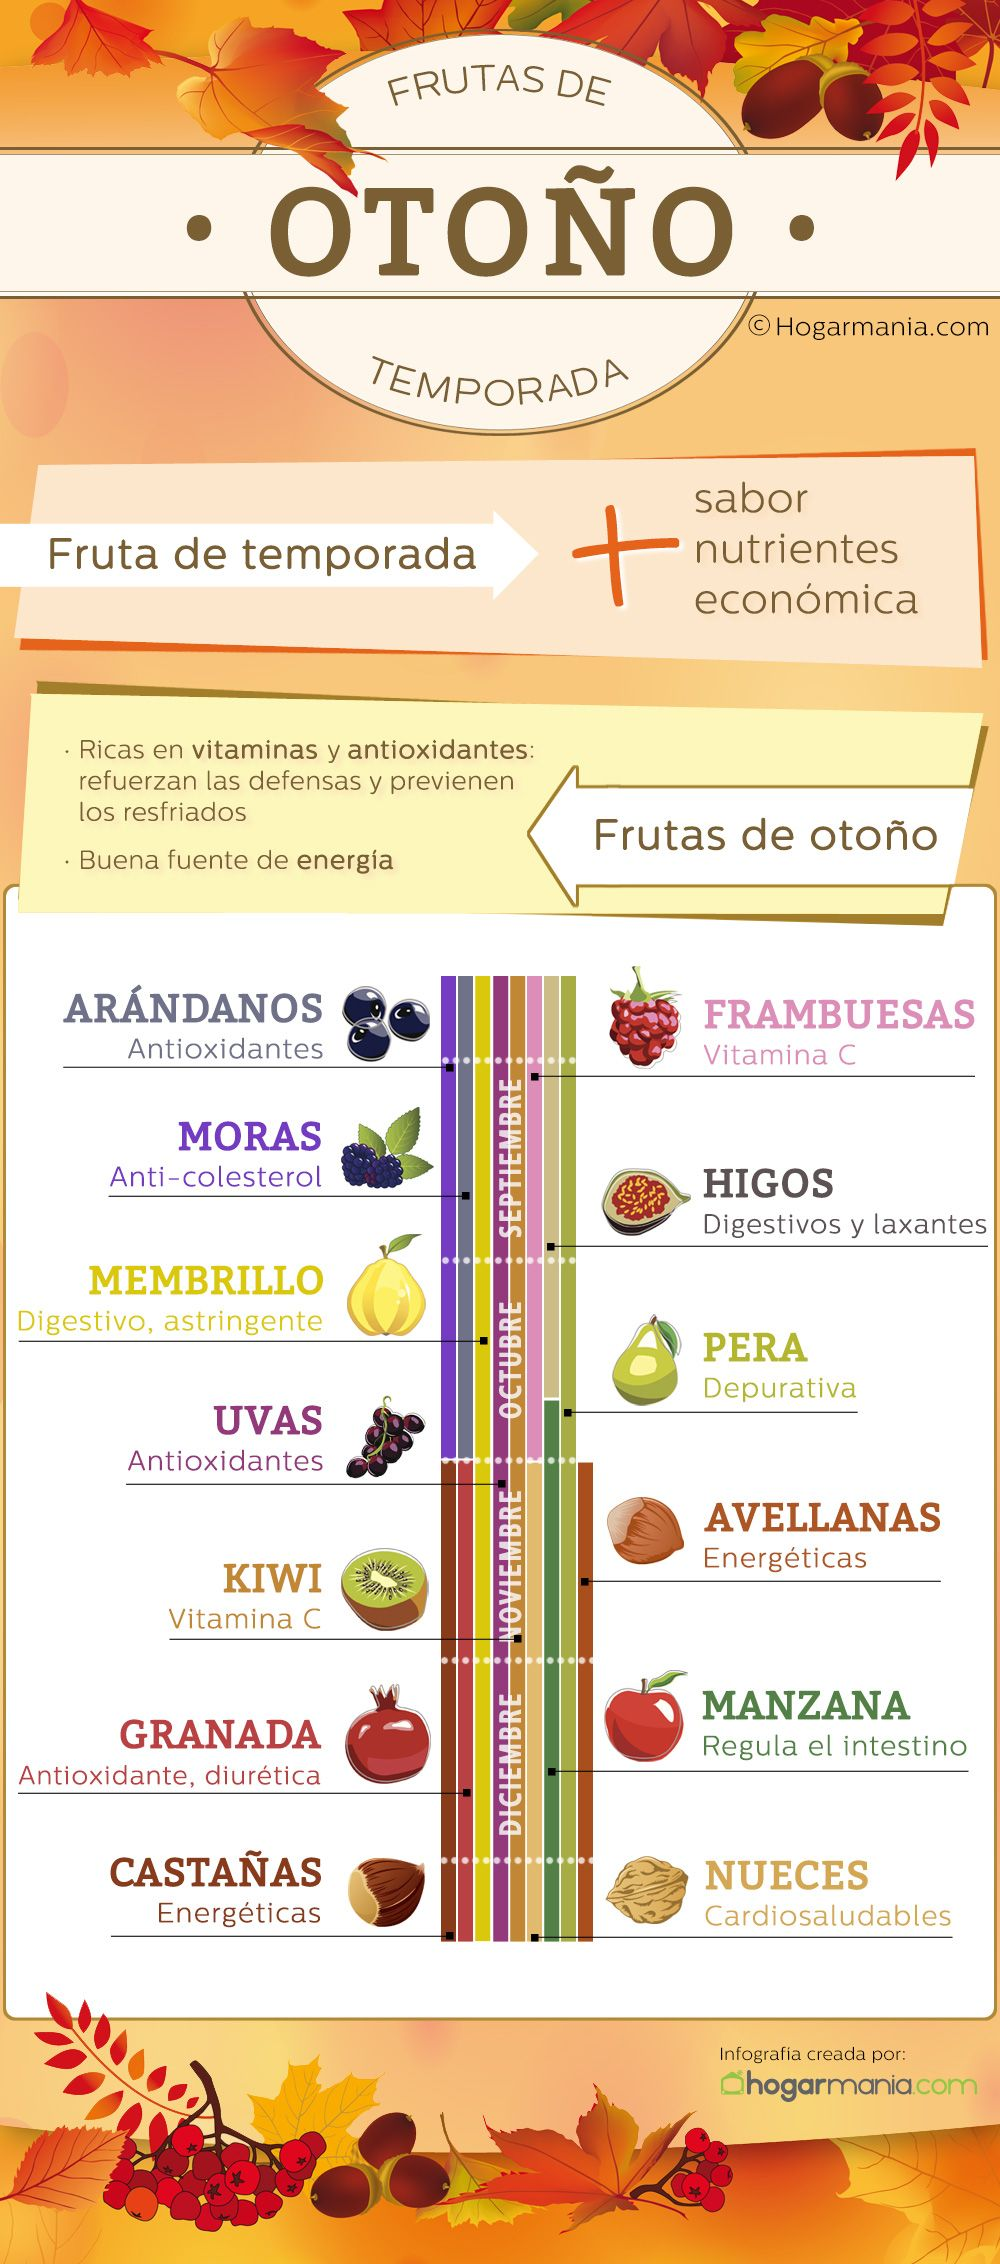 Frutas de otoño: infografía